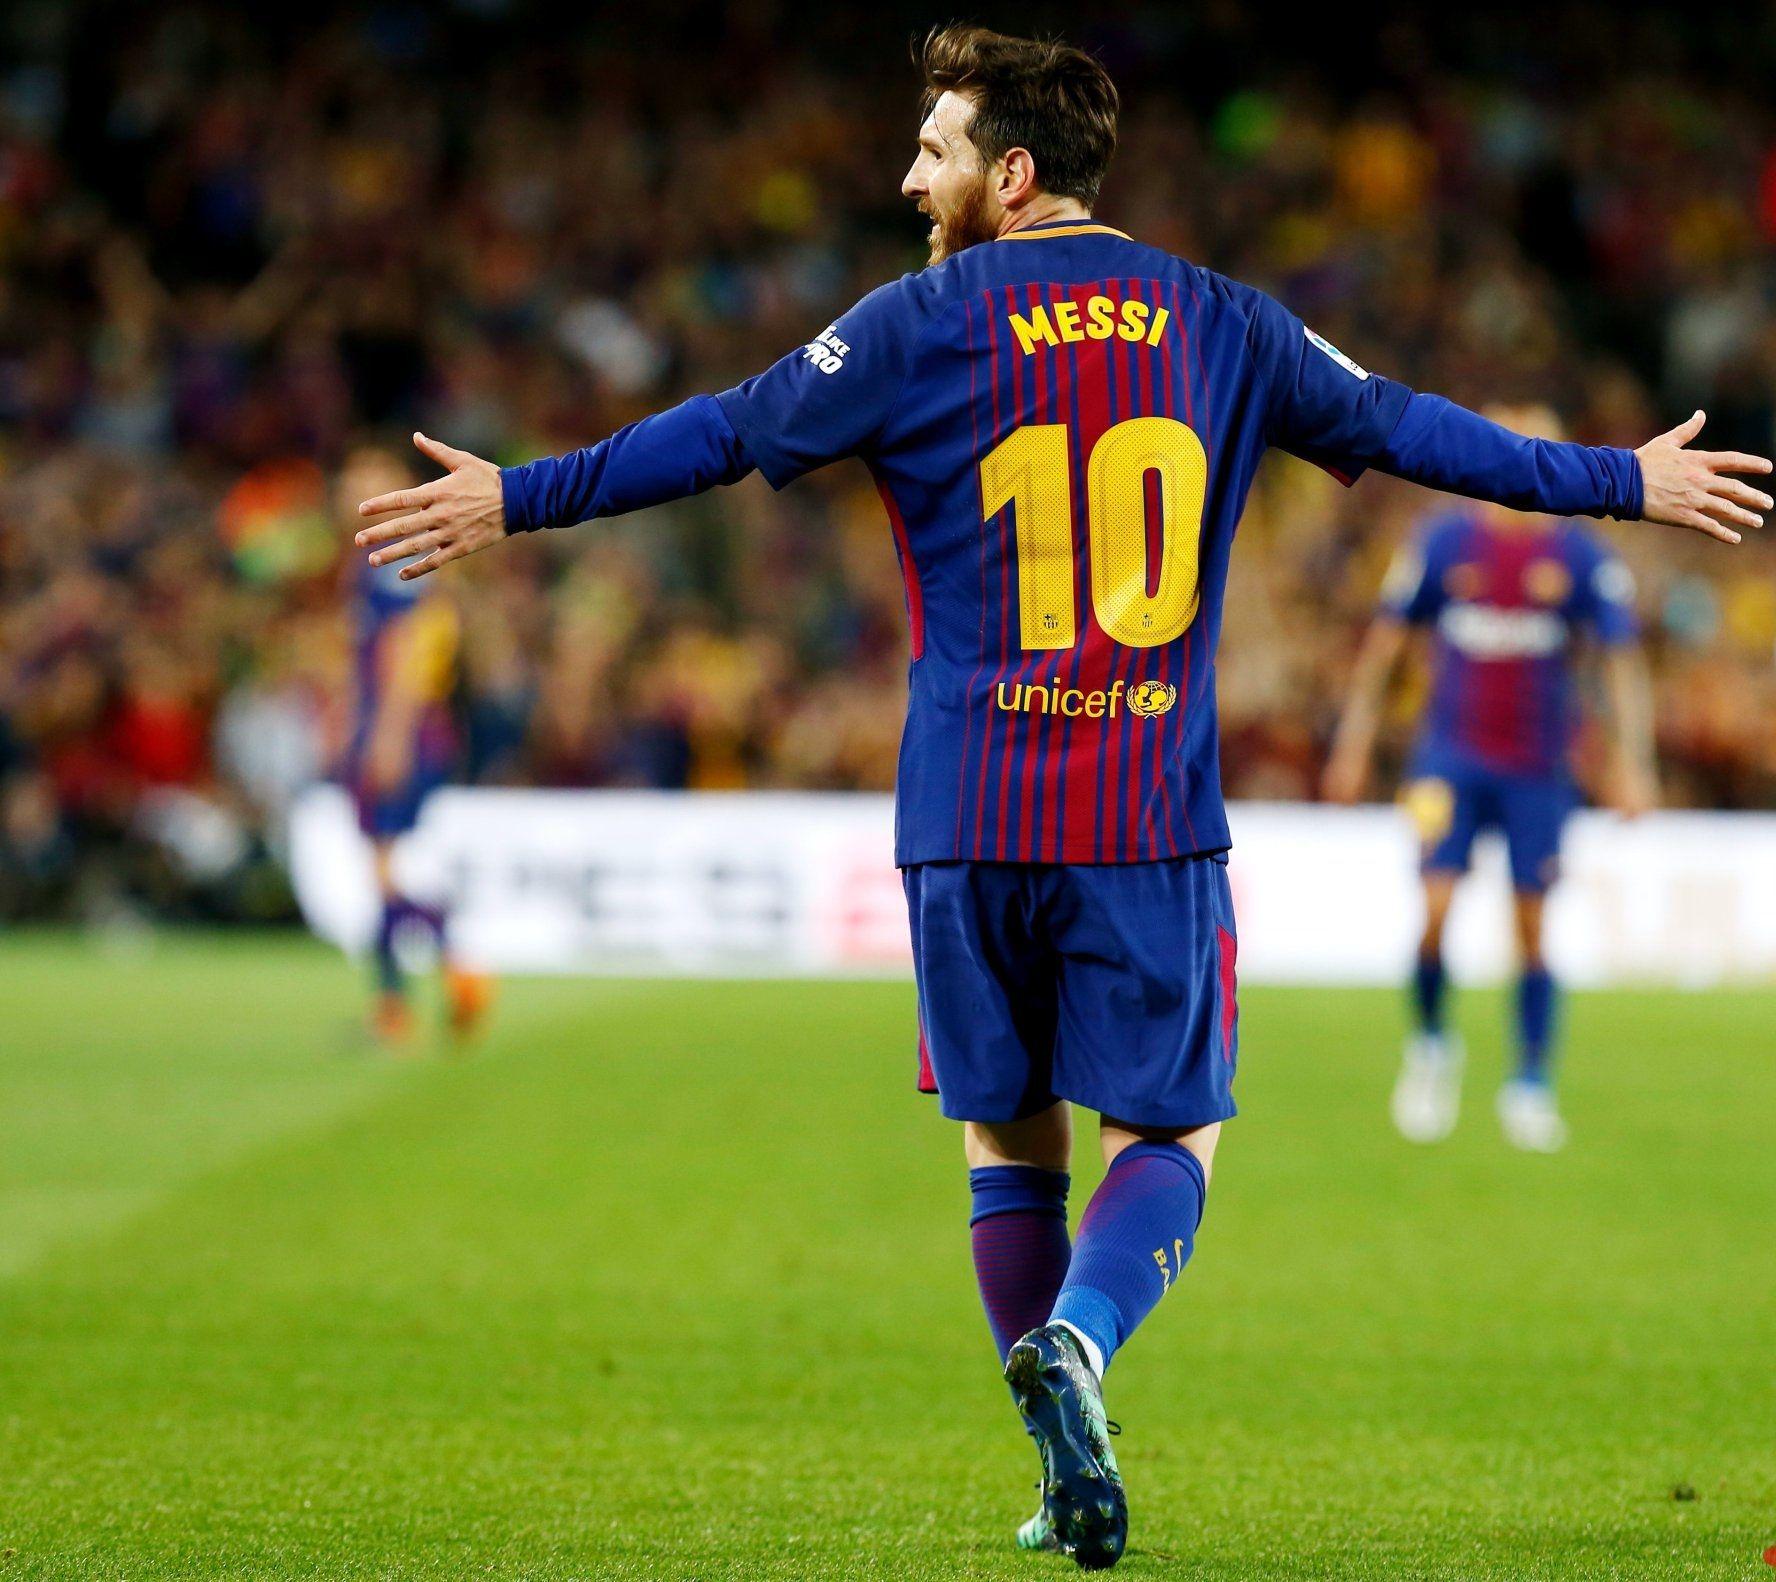 Lionel Messi en Barcelona - Crédito: @LaLiga